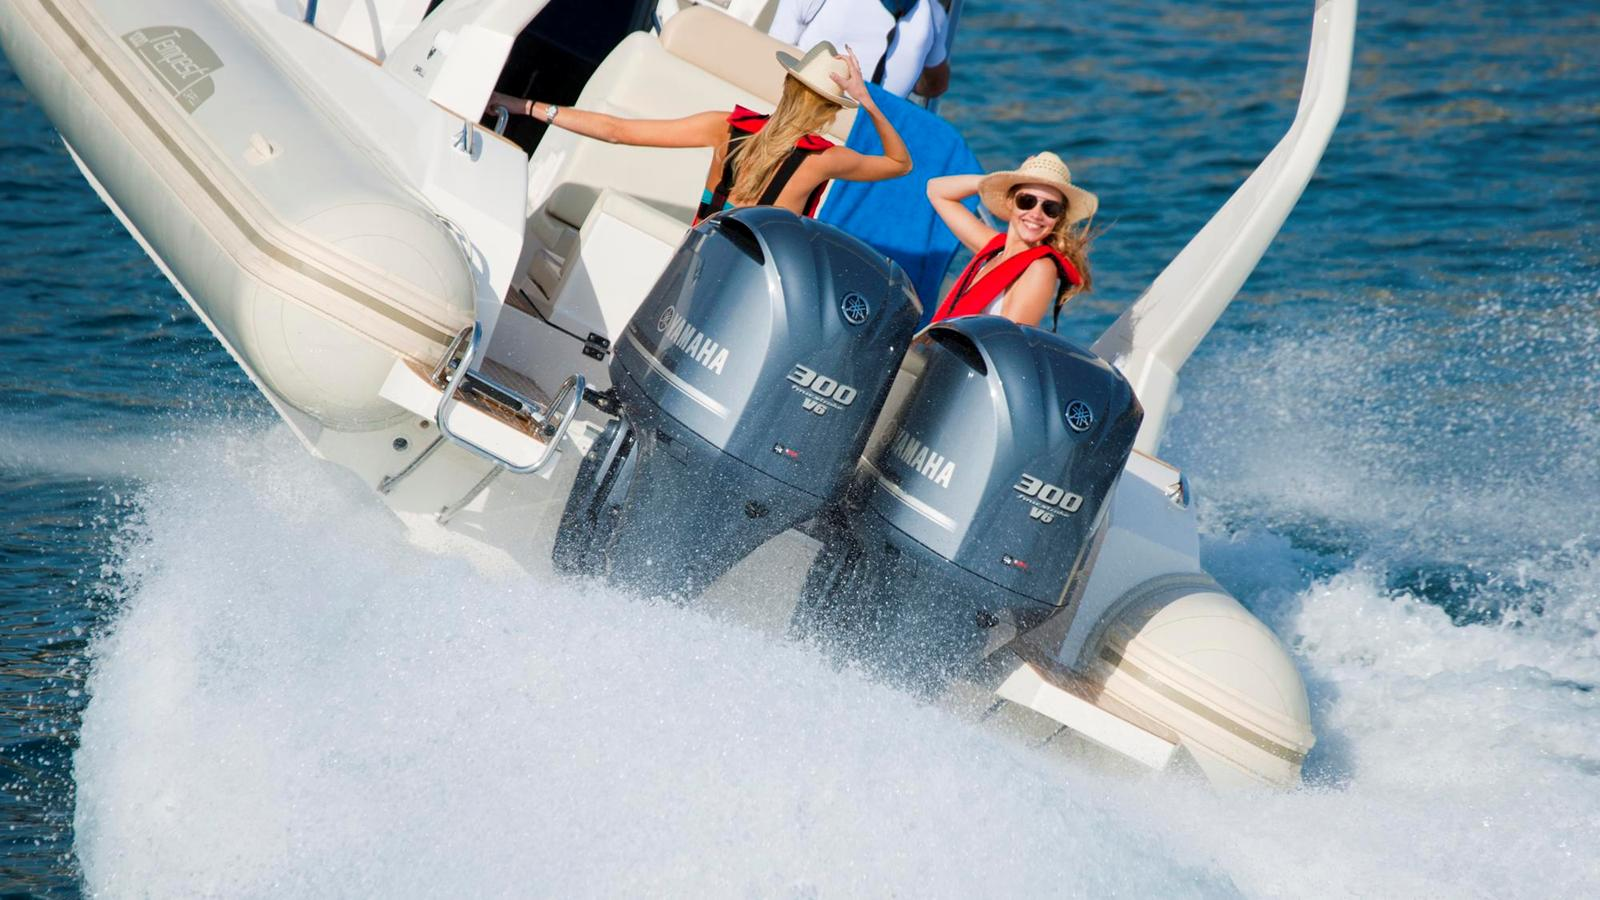 как правильно управлять лодкой с мотором видео